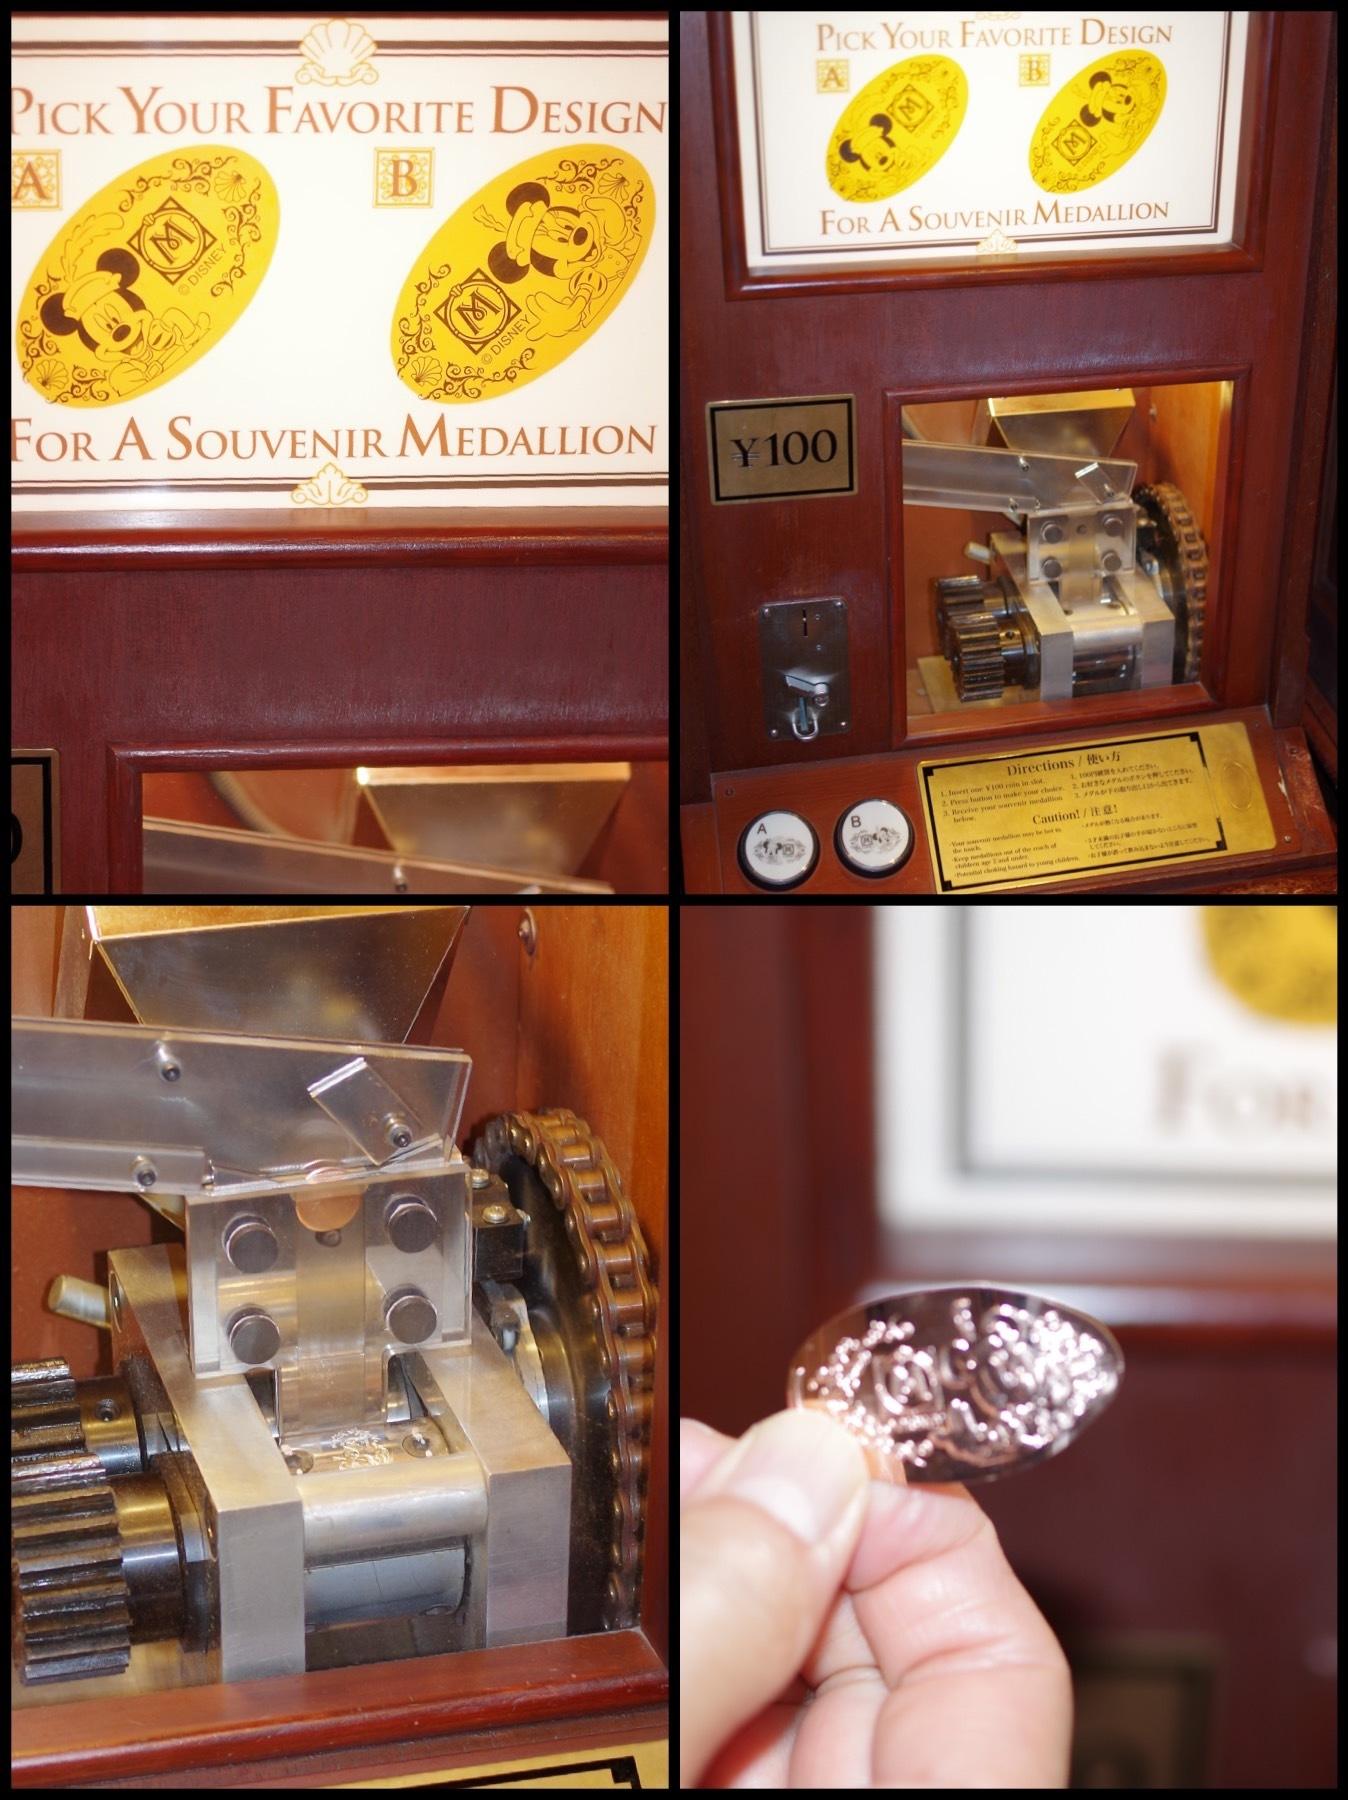 ホテルミラコスタ メダル製造機